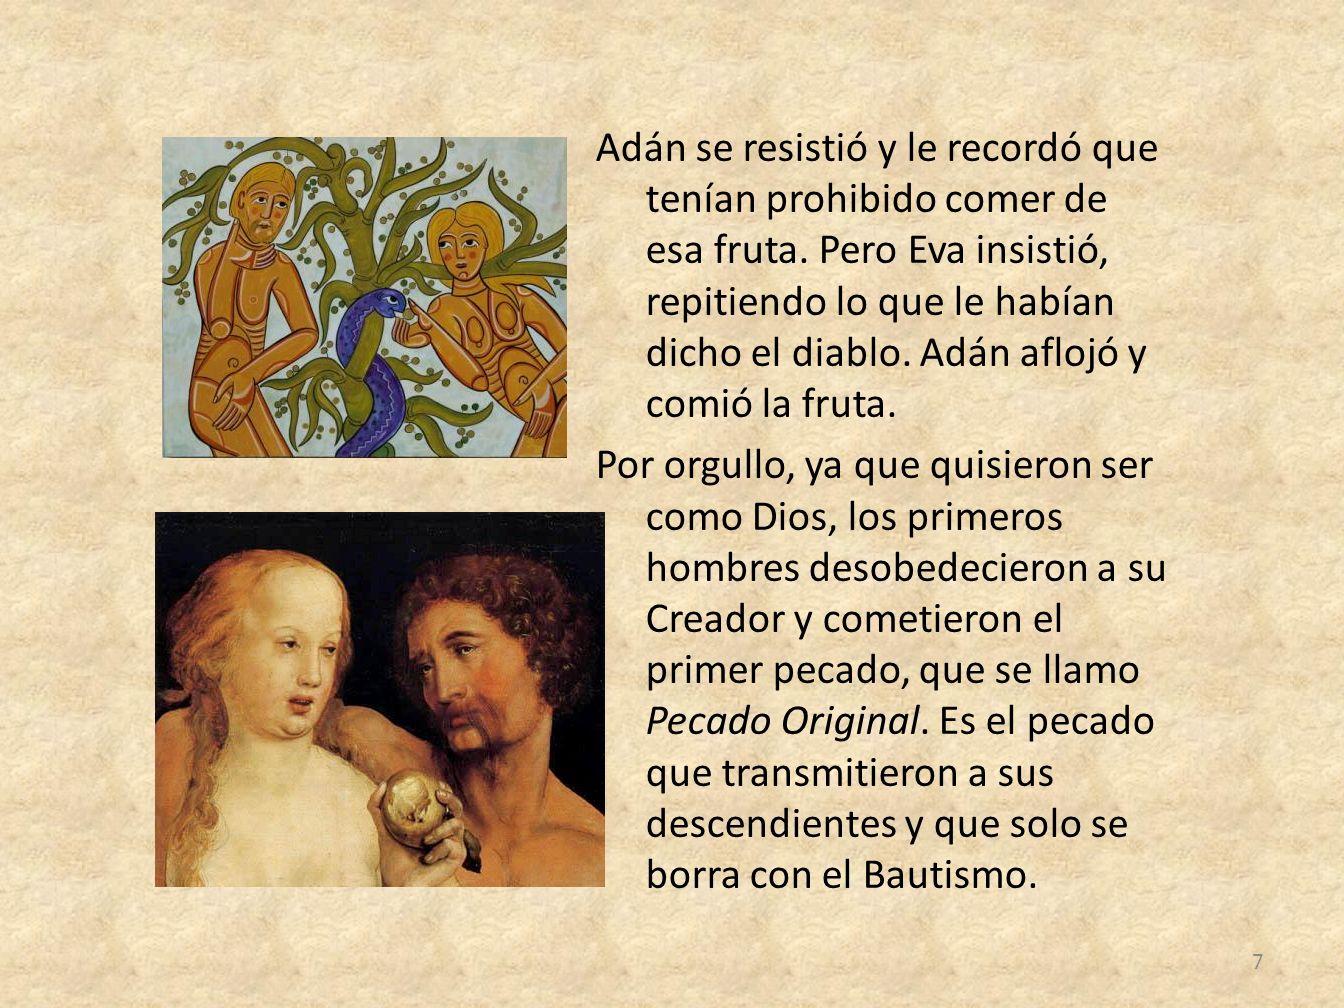 Adán se resistió y le recordó que tenían prohibido comer de esa fruta. Pero Eva insistió, repitiendo lo que le habían dicho el diablo. Adán aflojó y c